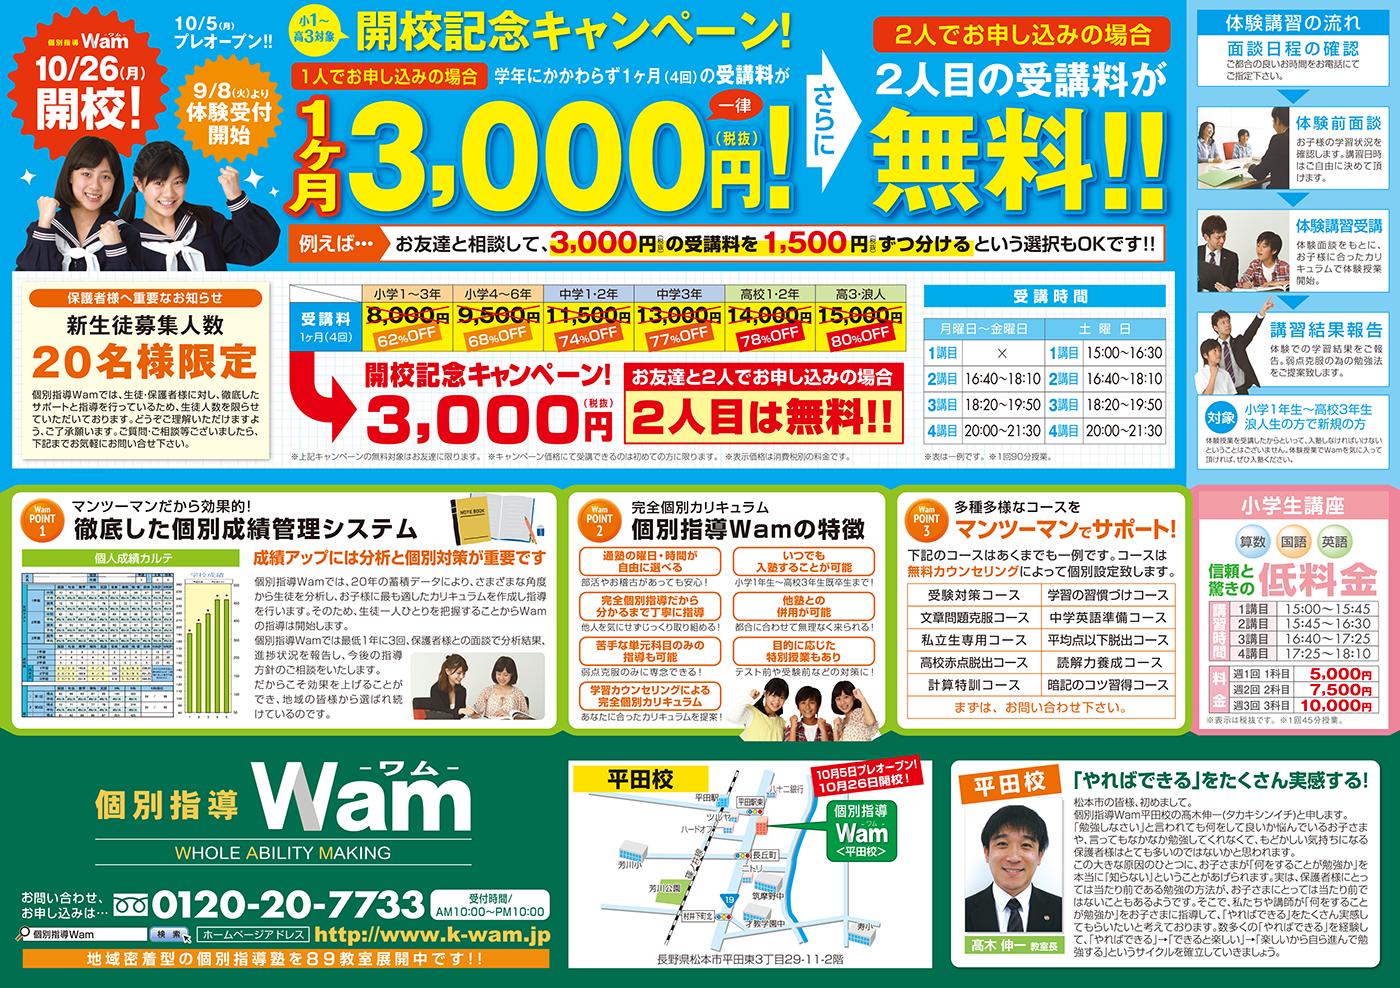 平田校 2015年10月5日 (月) プレオープン・ウラ面